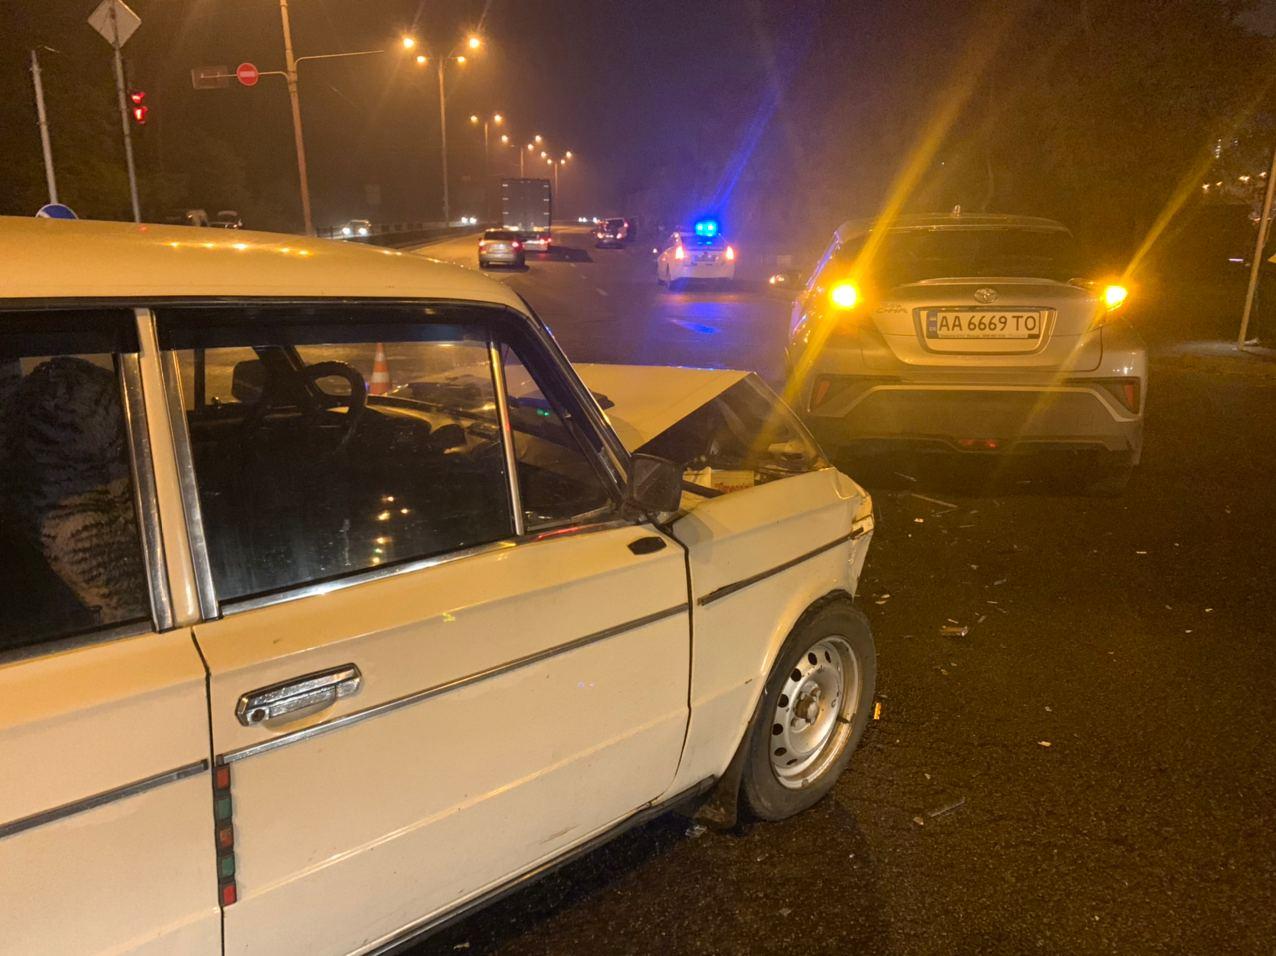 У Києві водій намагався «проскочити», а скоїв ДТП - ДТП, ВАЗ, Аварія на дорозі - IMG 20201116 072858 763